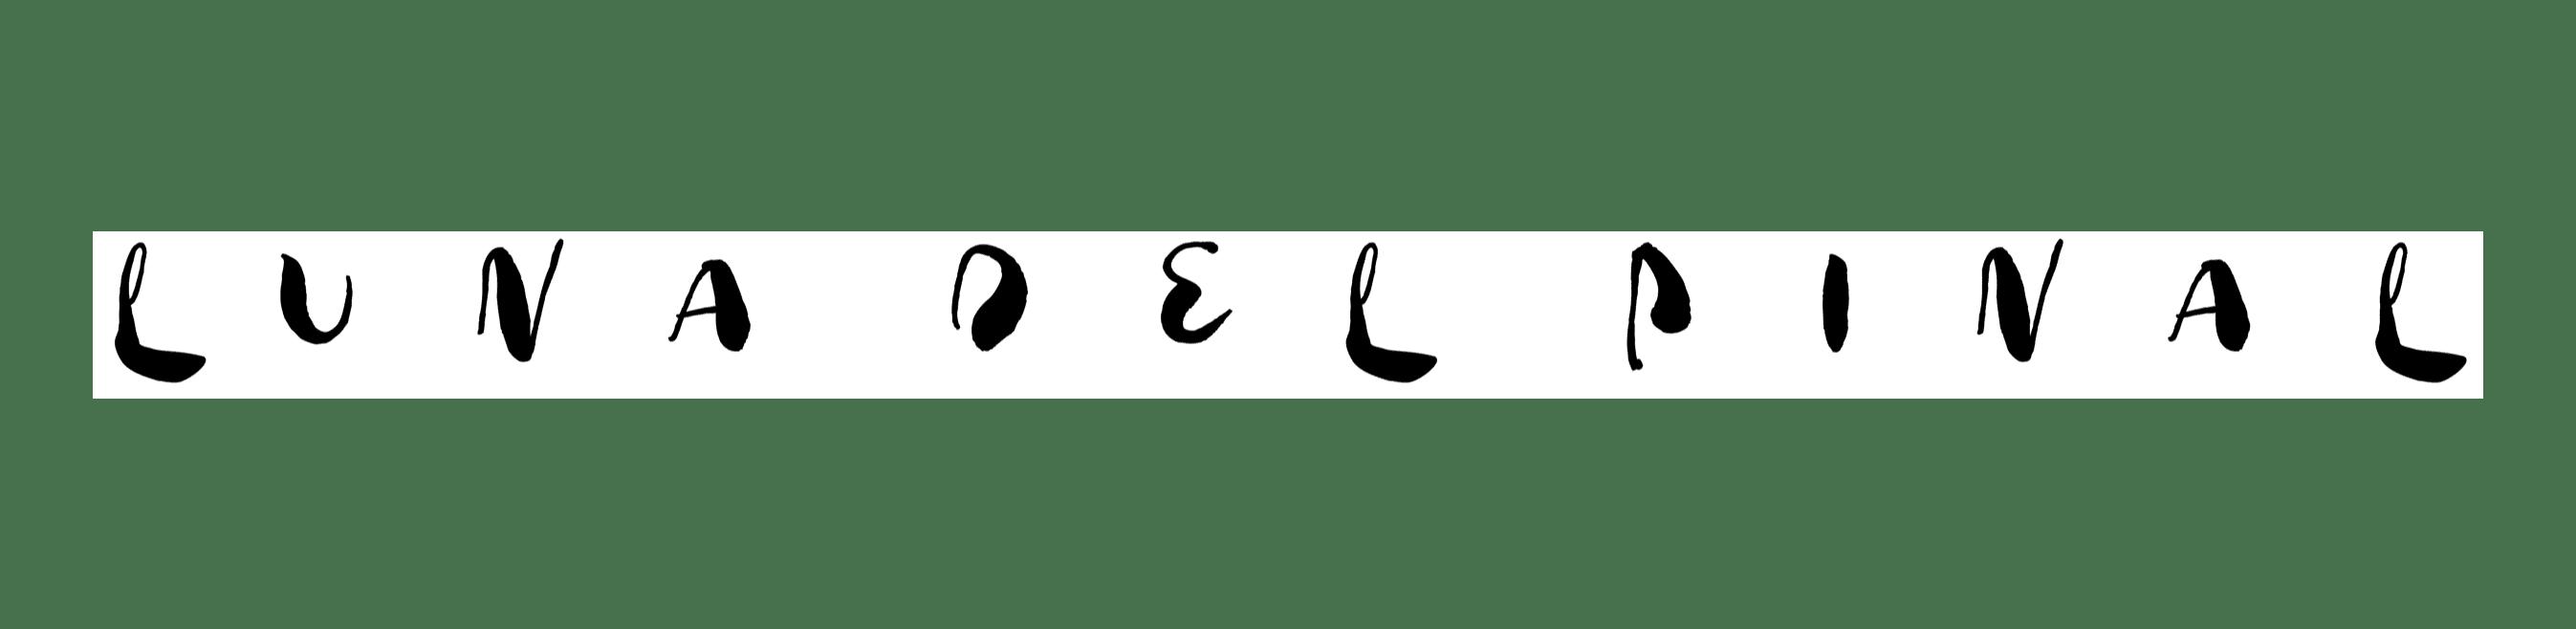 Lunadelpinal